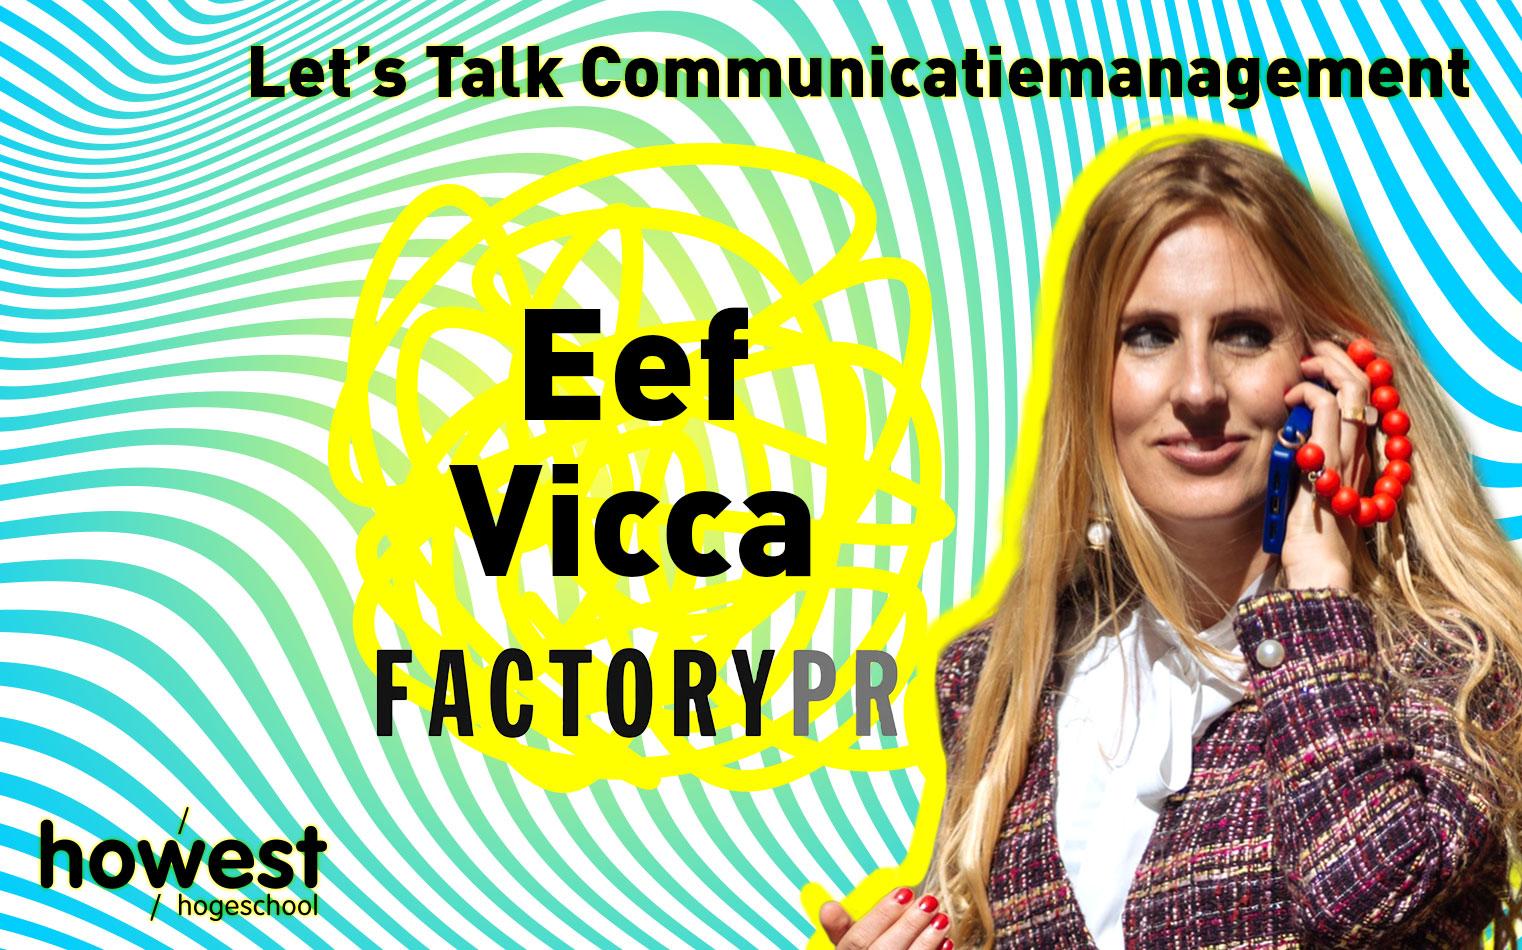 foto van Eef Vicca voor Let's Talk Communicatiemanagement